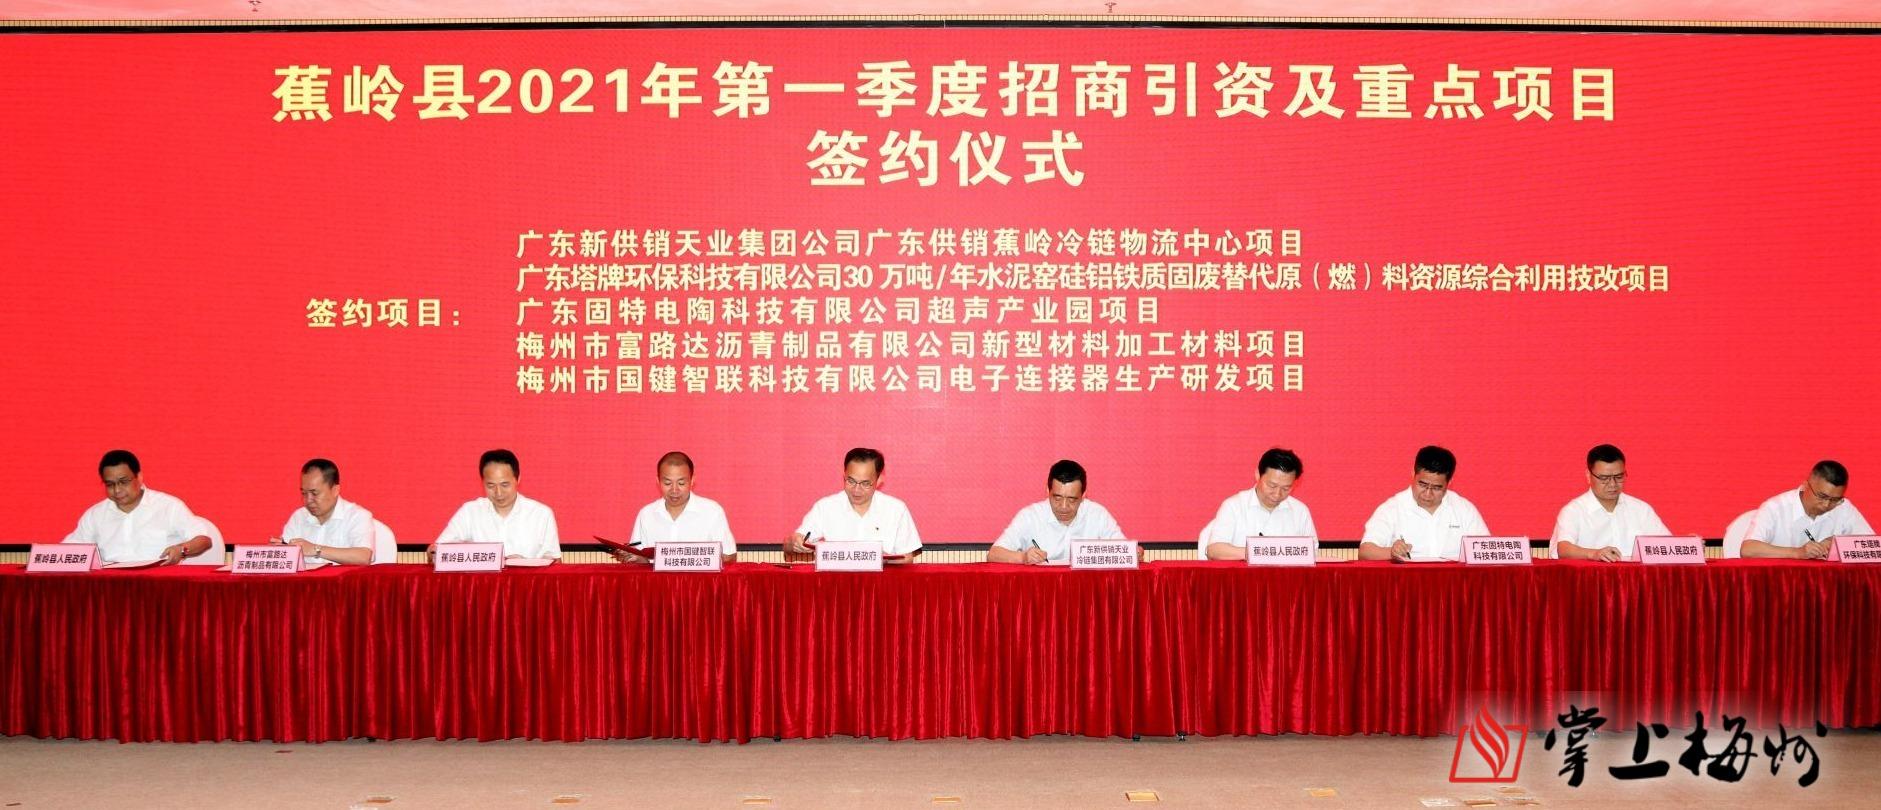 总投资27.45亿元!蕉岭2021年第一季度招商引资及重点项目集中签约、动工仪式举行